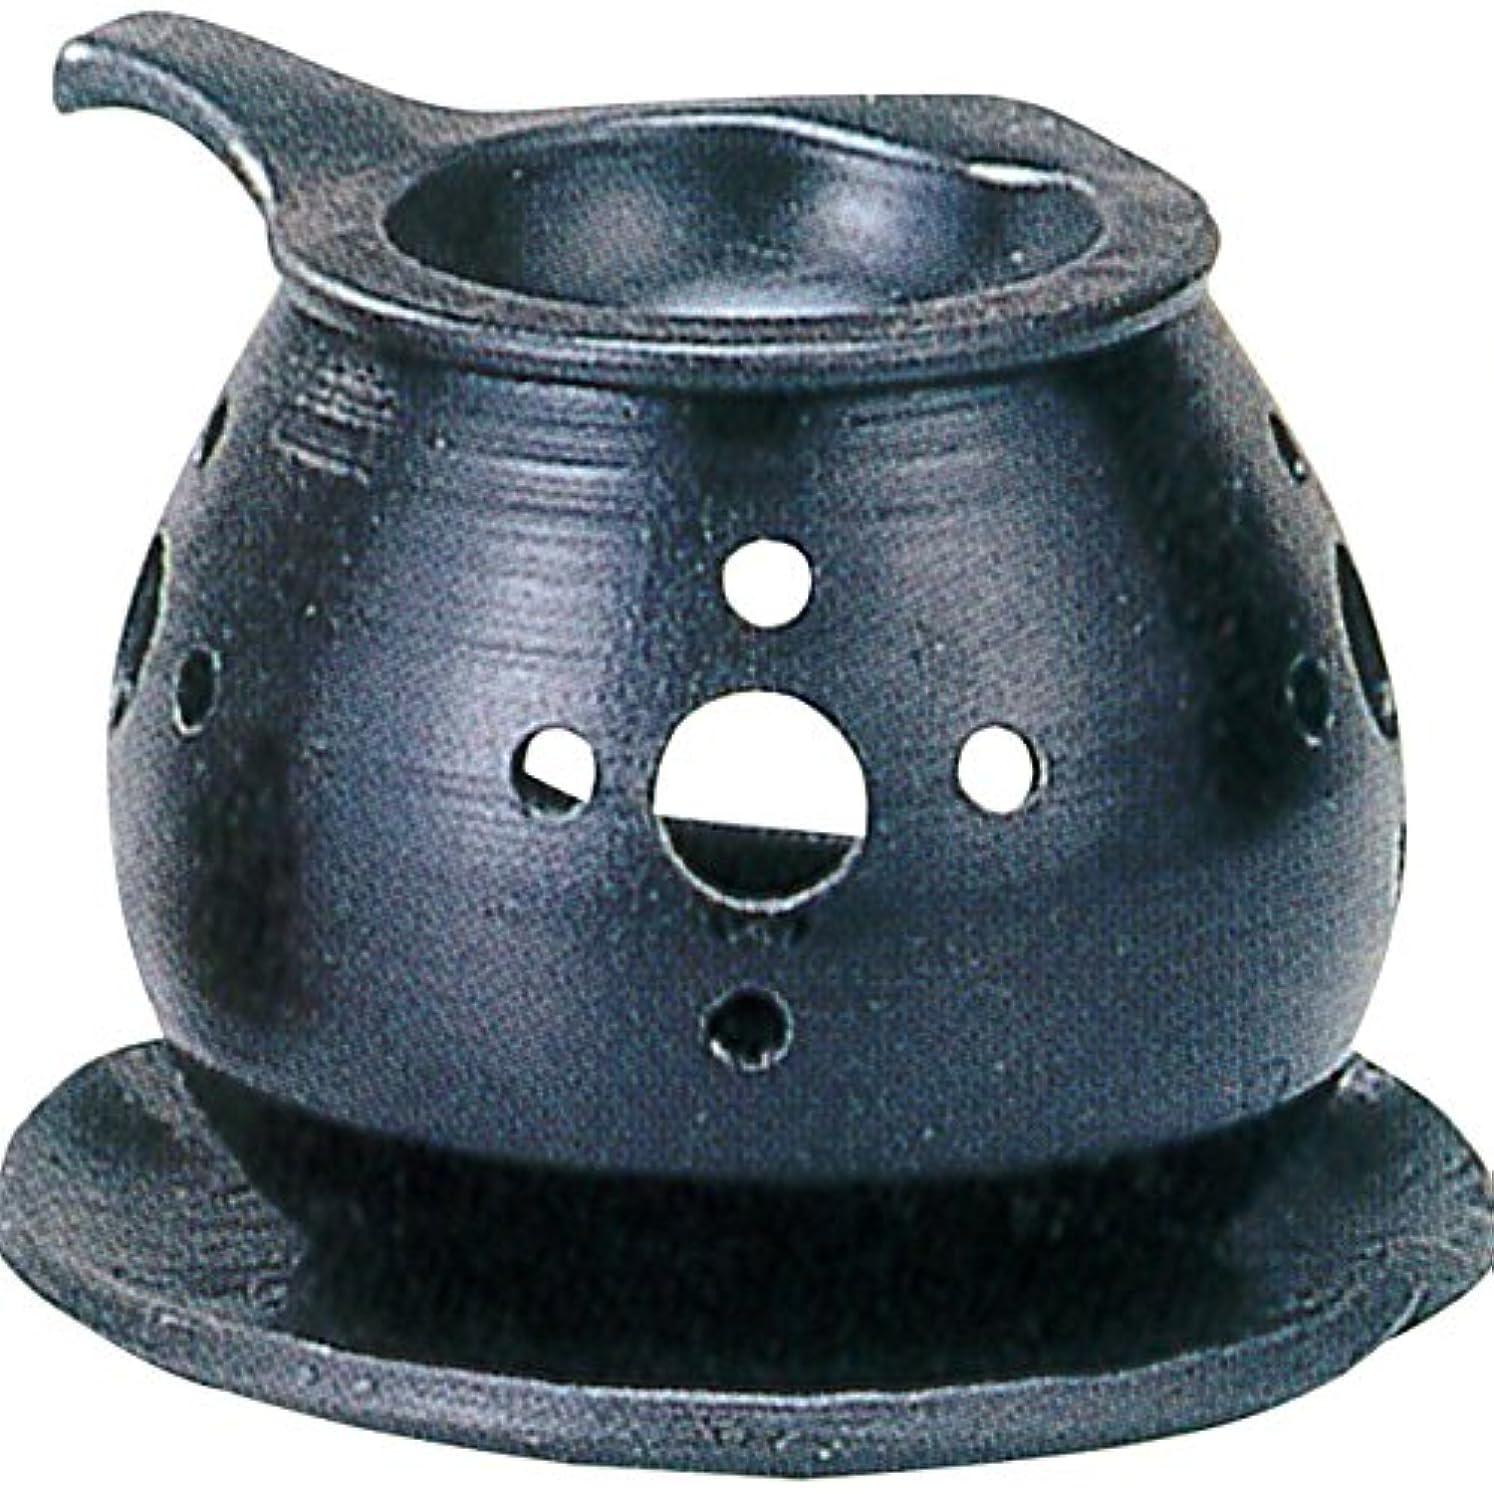 意志追跡横たわる茶香炉 : 常滑焼 間宮 茶香炉? ル35-03